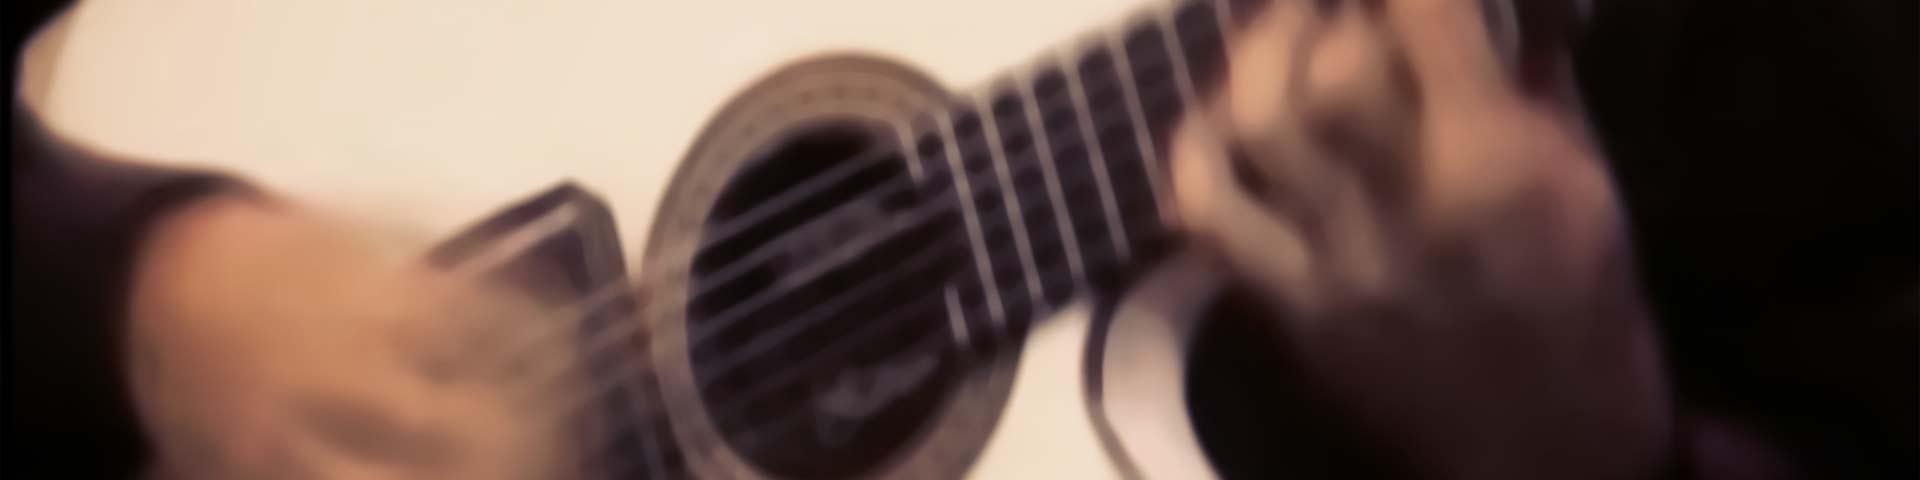 ジプシールンバって何?【3】 音楽そのものの持つ性質